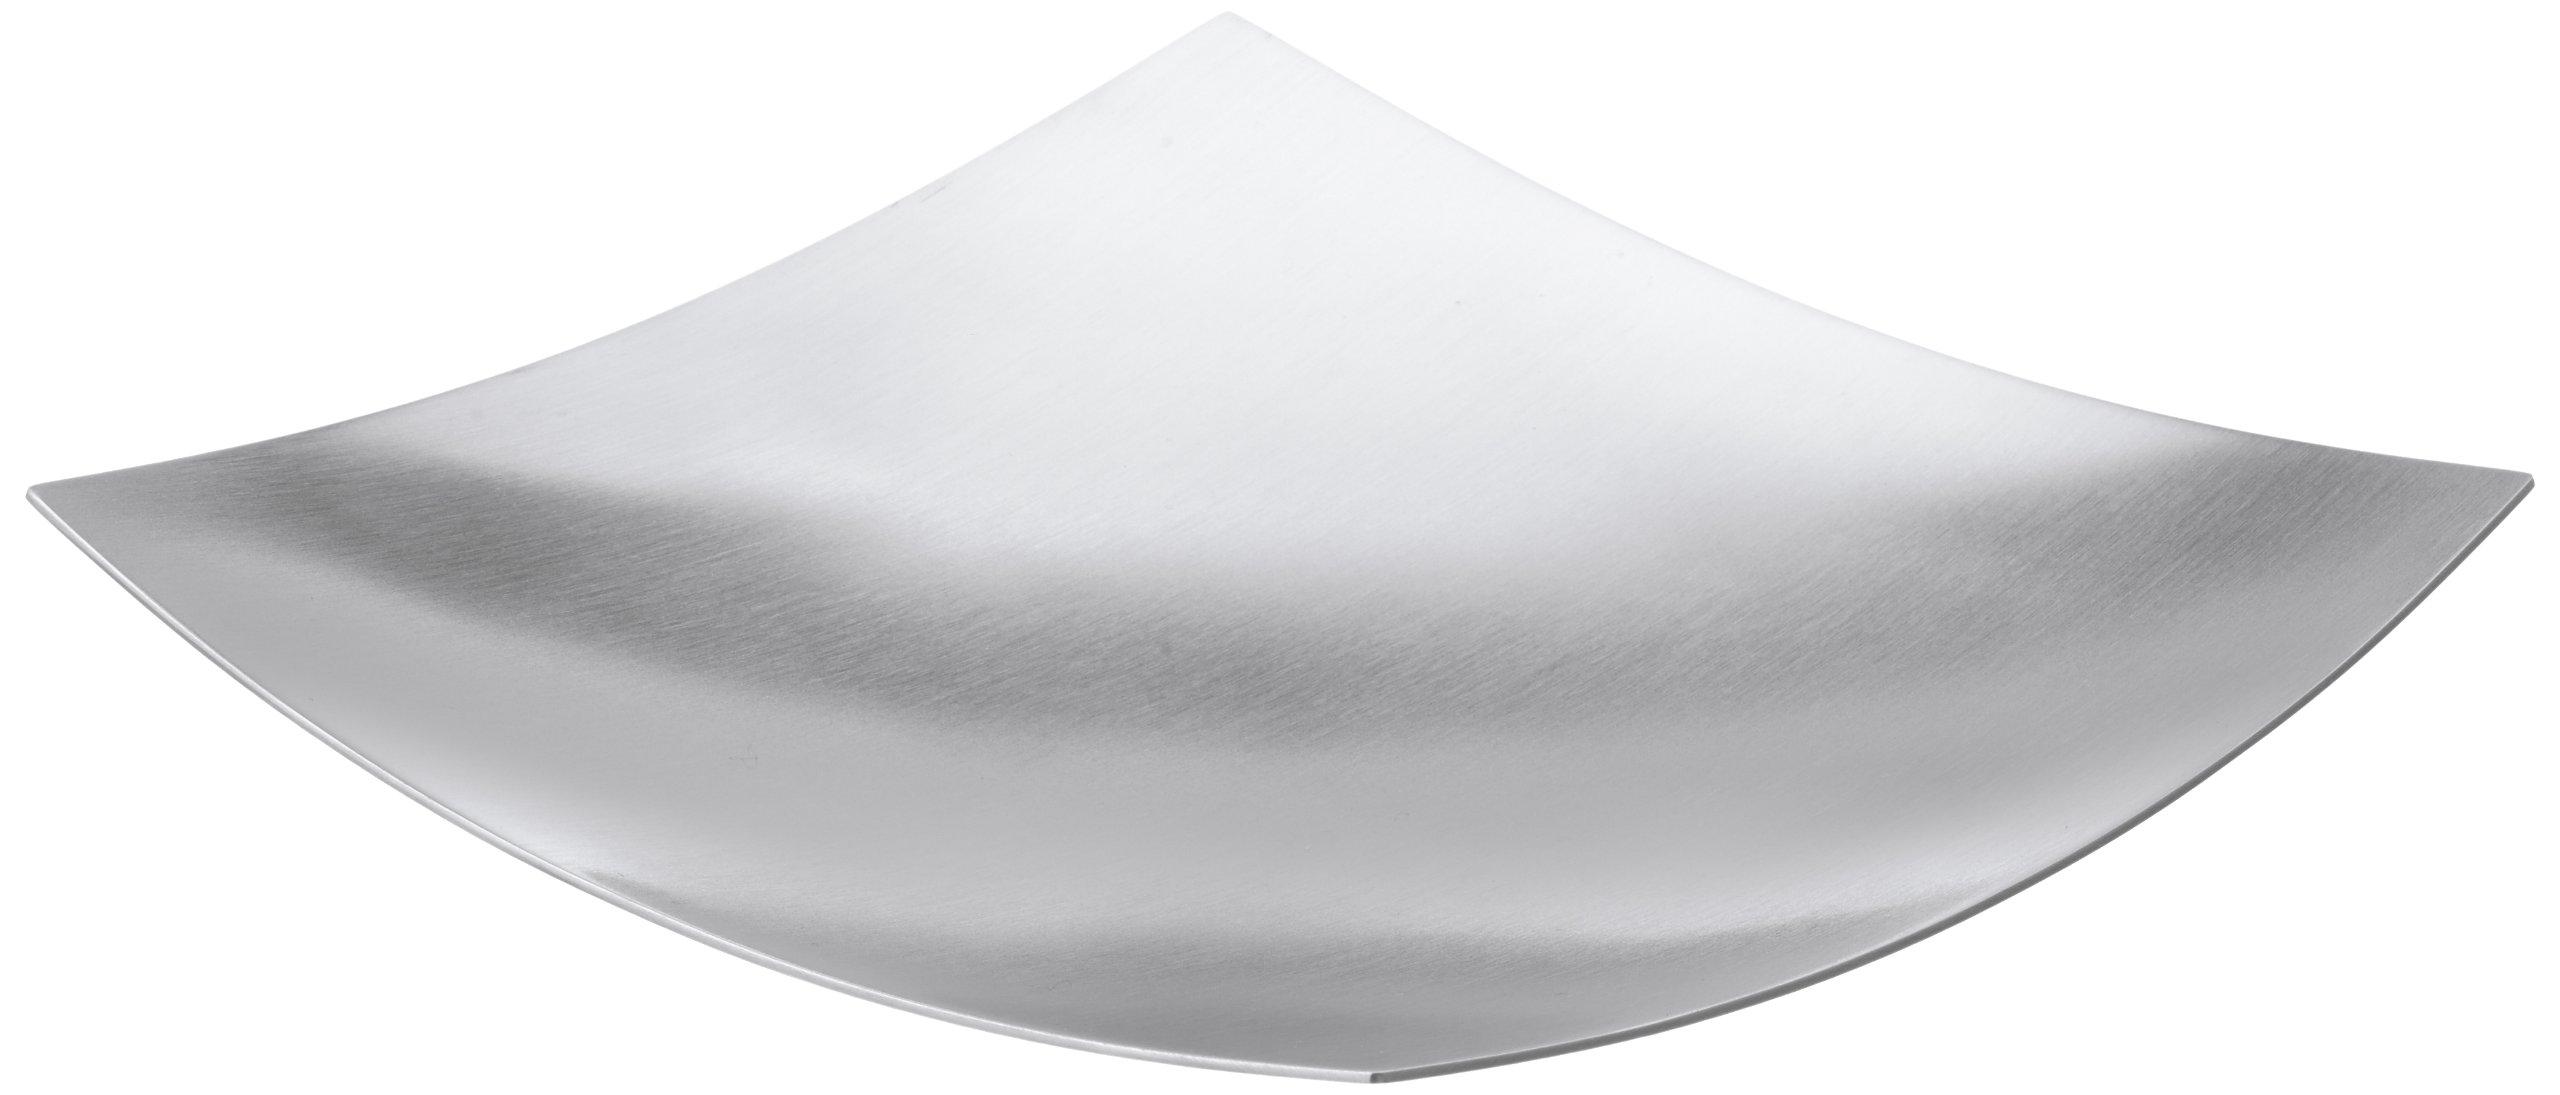 ZACK 30738 CENARE bowl large